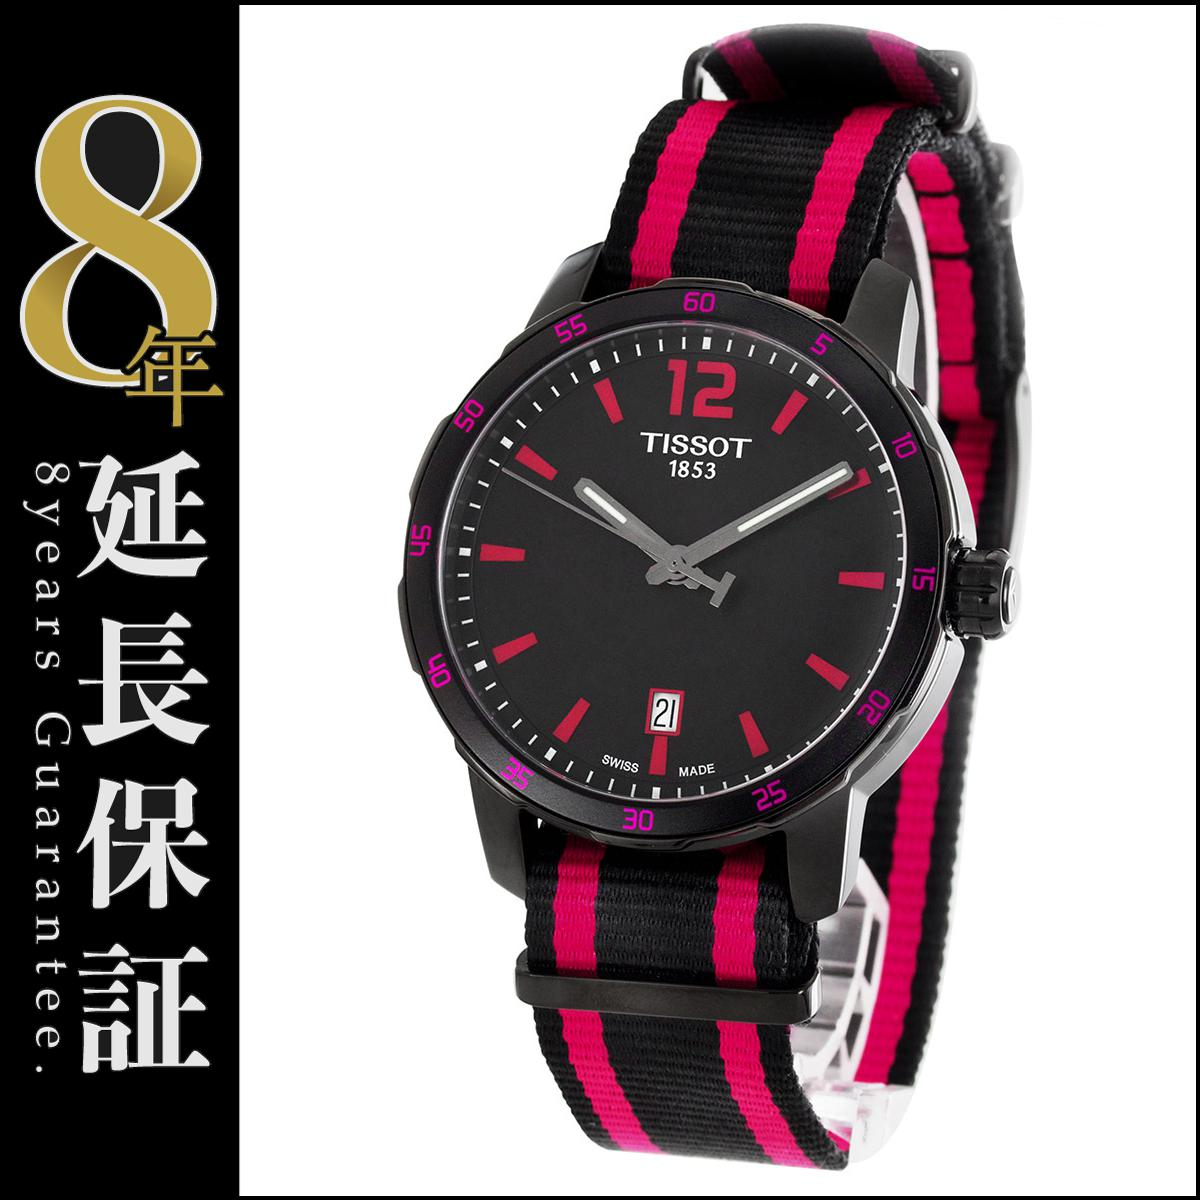 ティソ T-スポーツ クイックスター 替えベルト付き 腕時計 ユニセックス TISSOT T095.410.37.057.01_8